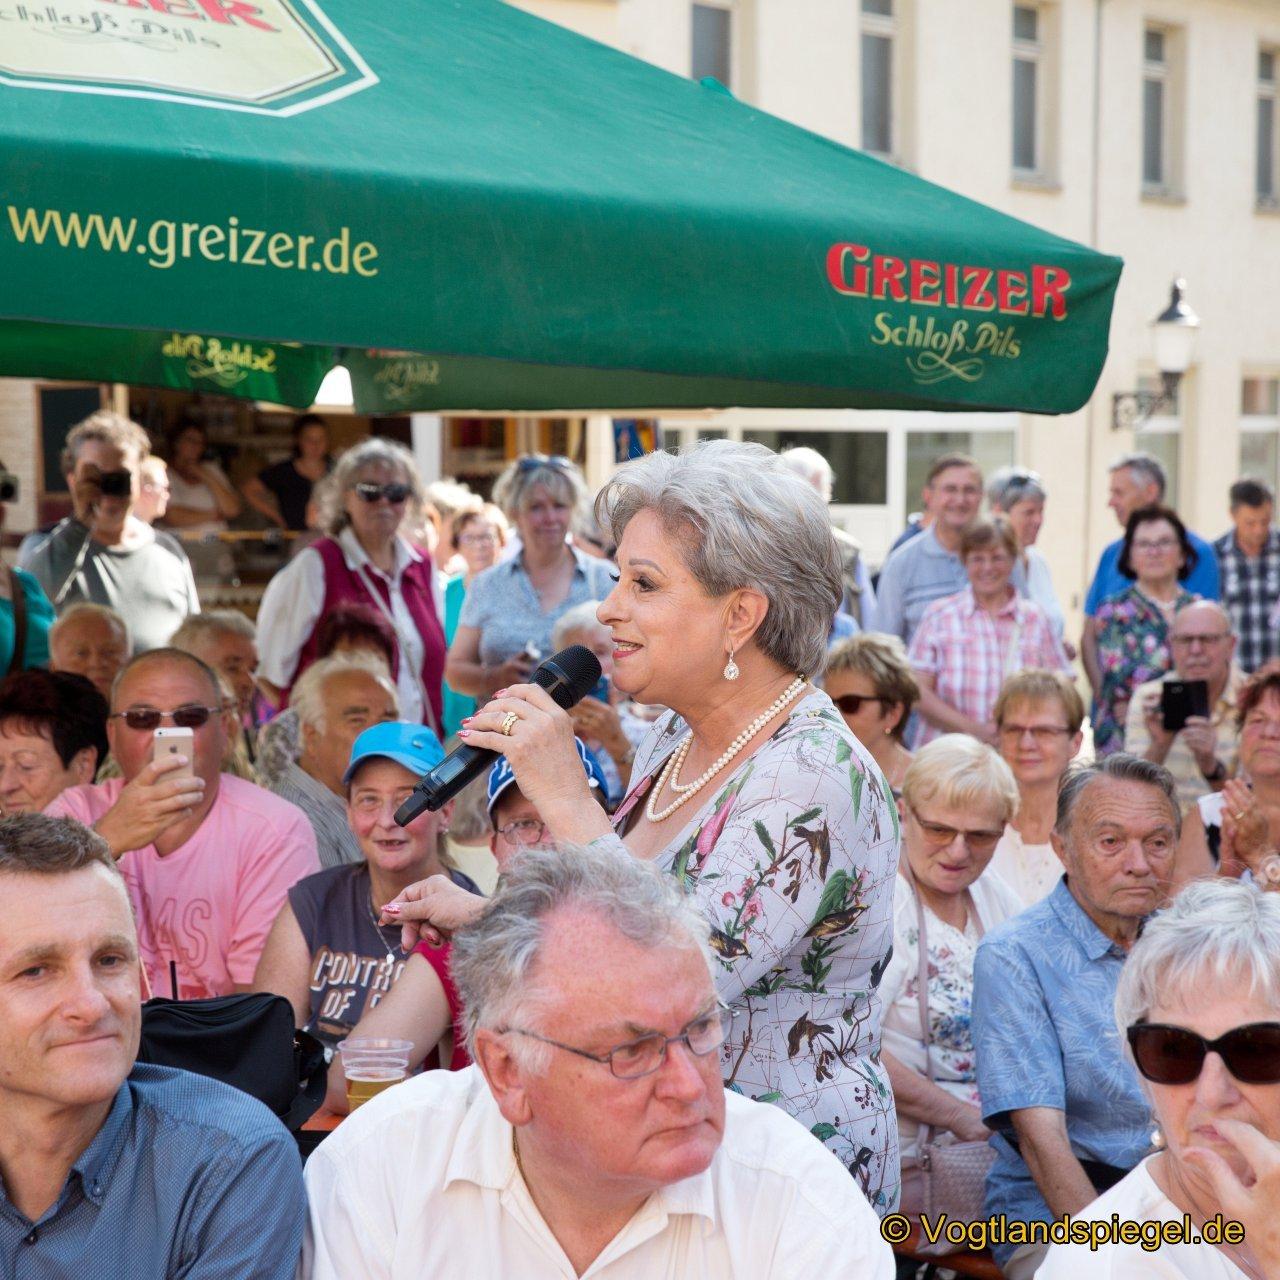 Czerwenka Finanz präsentiert auf den Greizer Markt Dagmar Frederic.